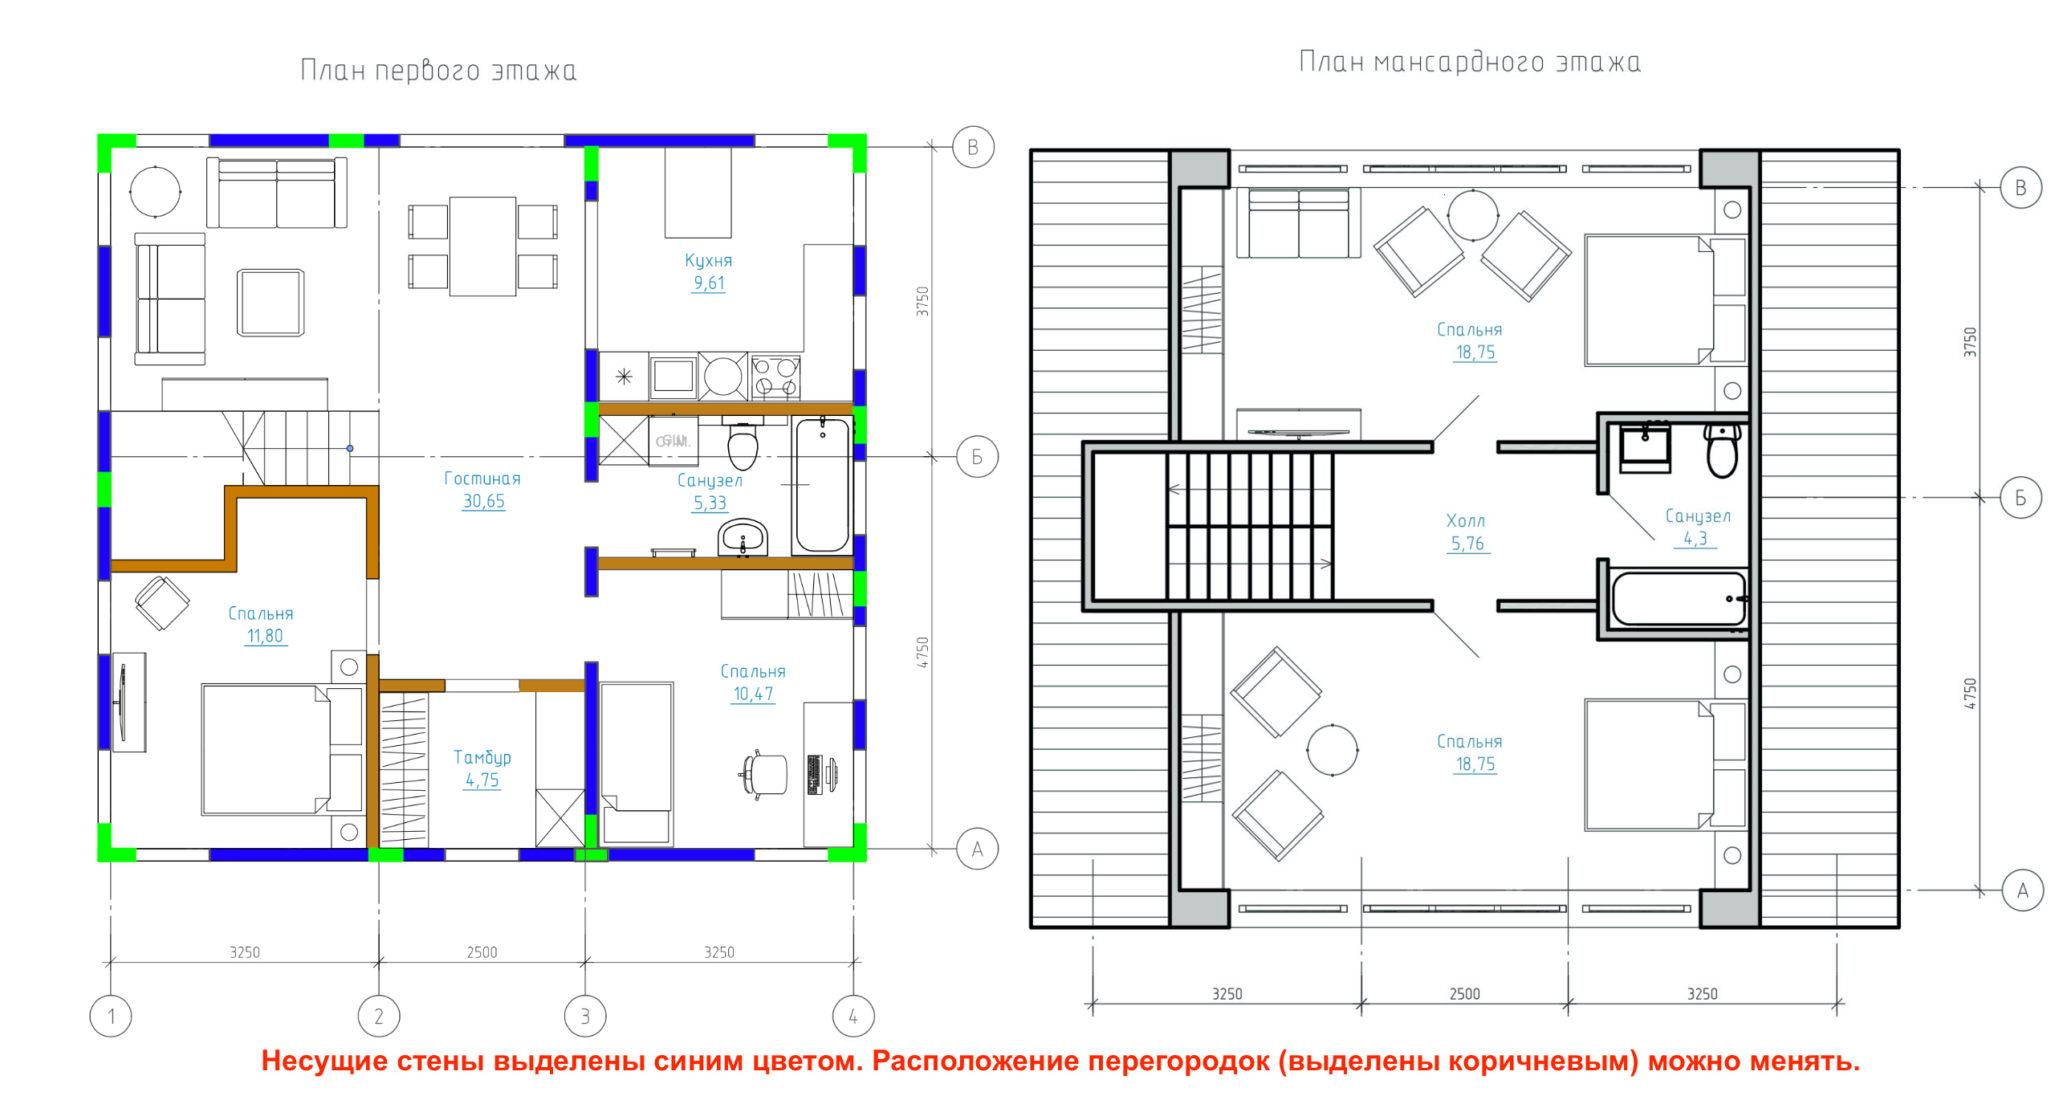 Описание дома Next-120